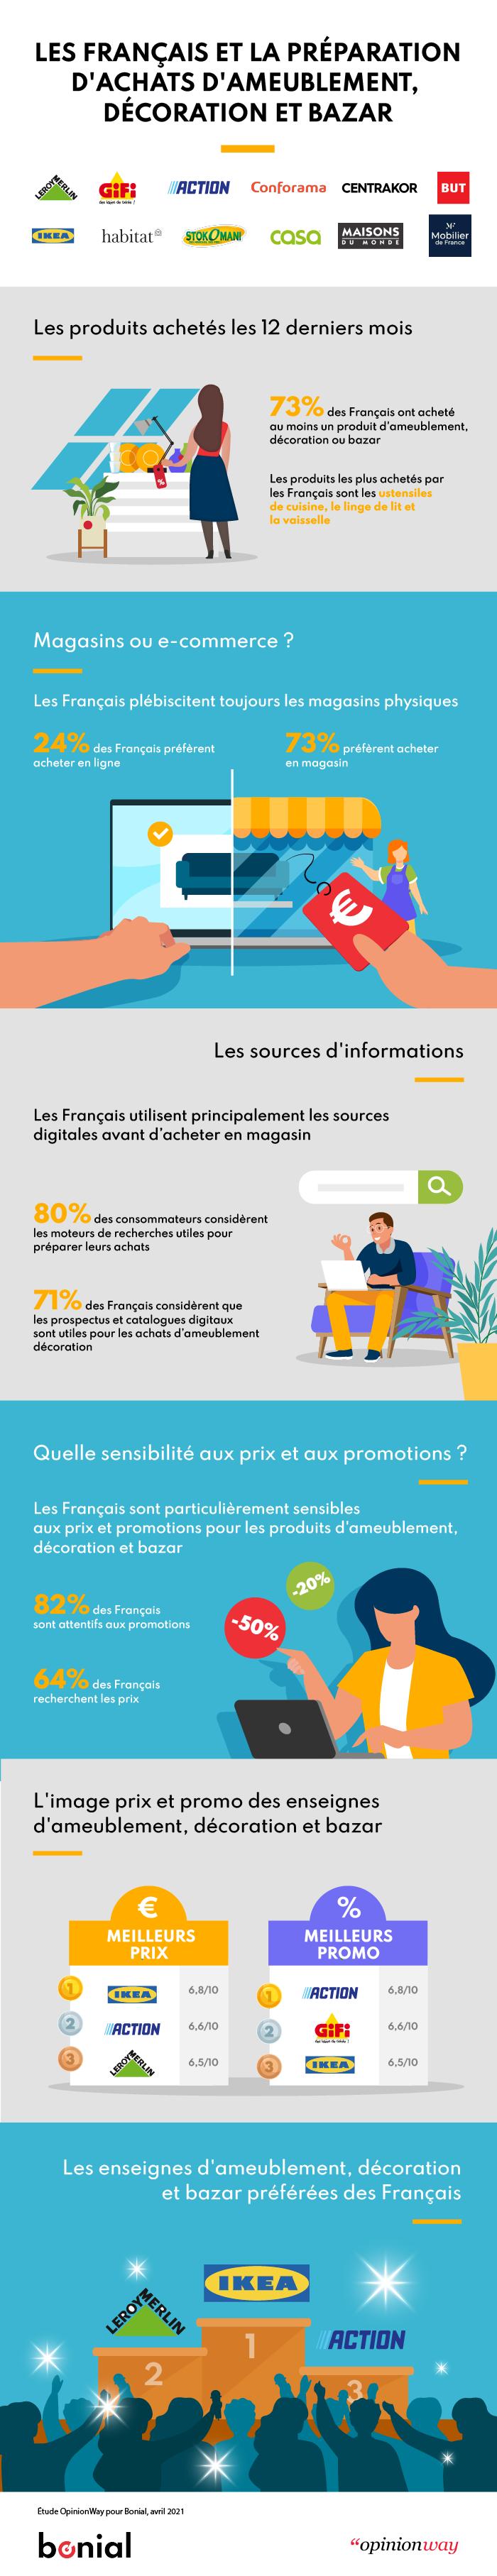 140-Design infographie - Les FR et la préparation dachat dameublement, déco et bazar (1)